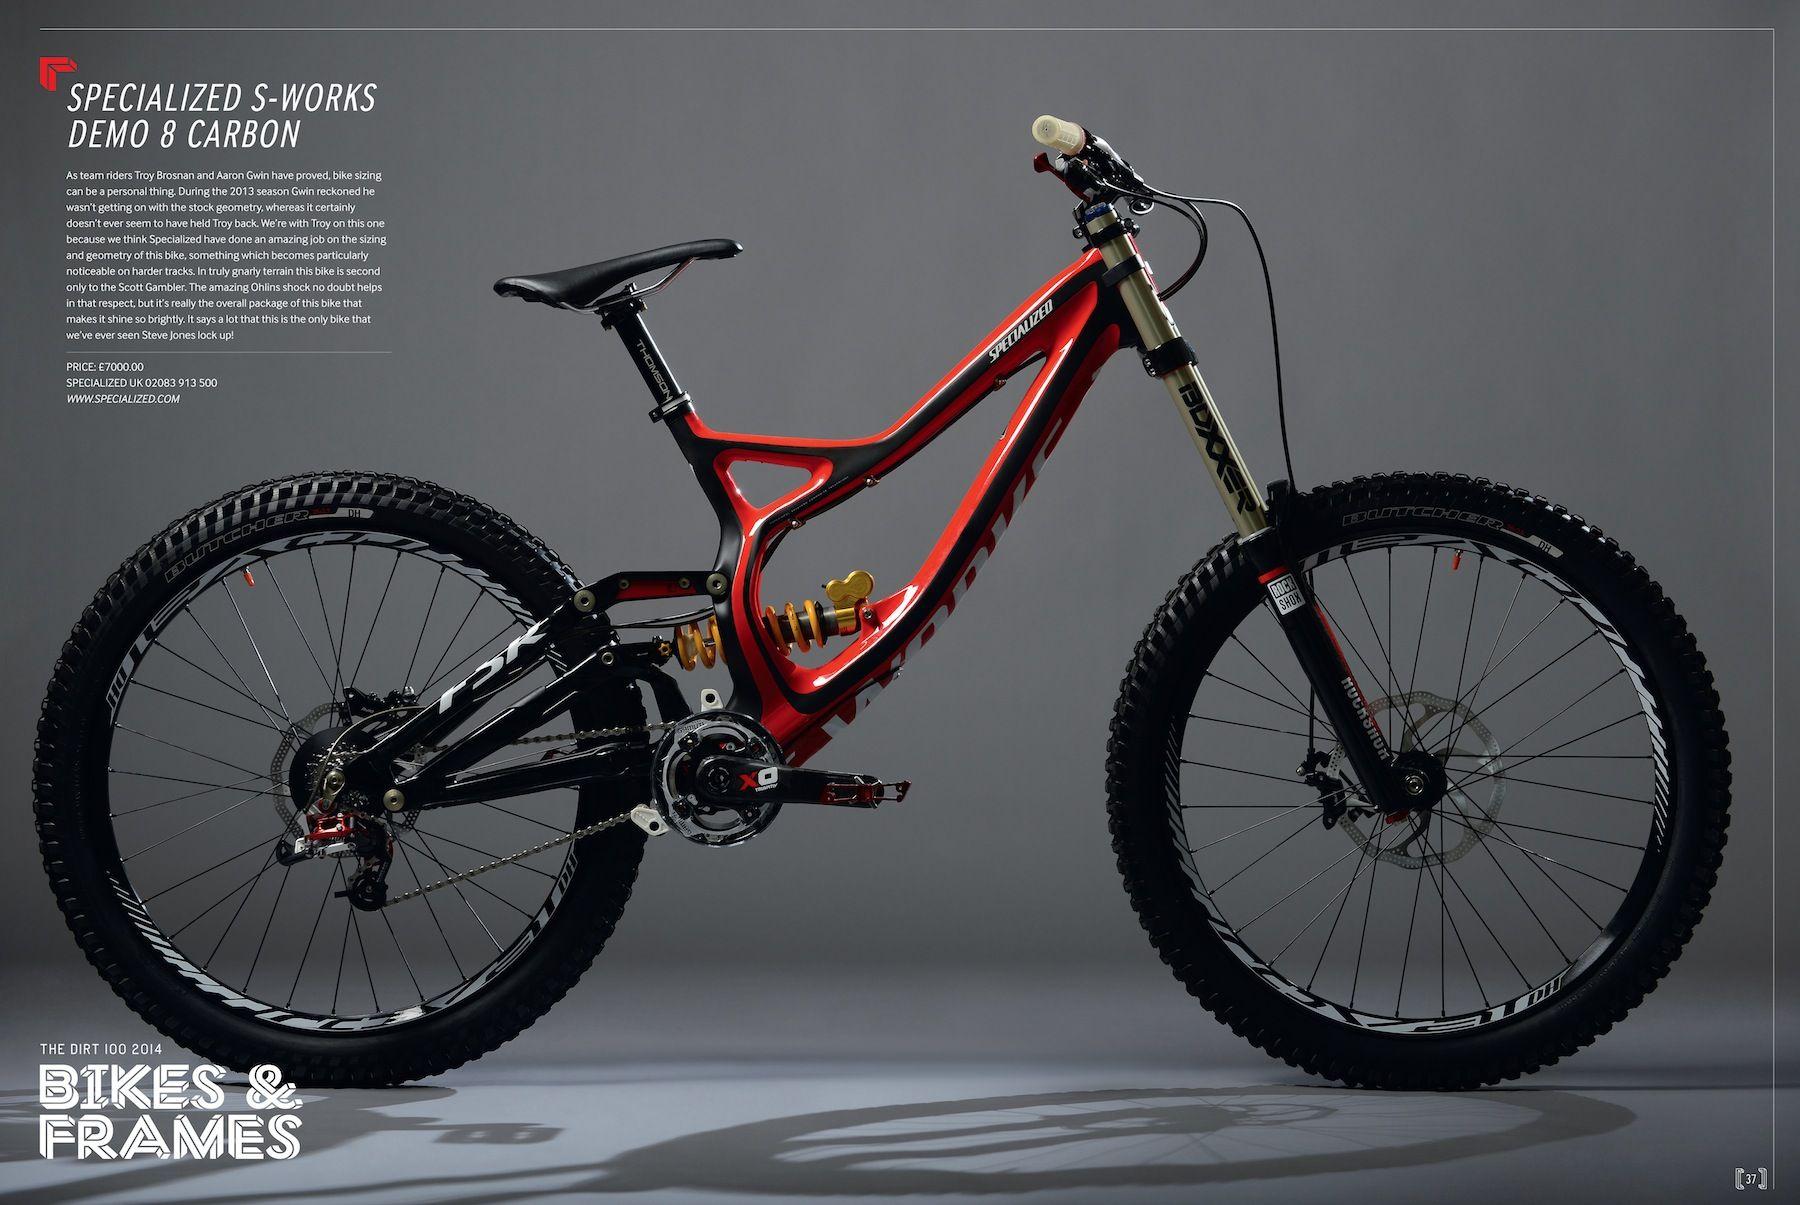 29372efba0c Specialized S-Works Demo 8 Carbon | Mountain biking | Downhill bike ...